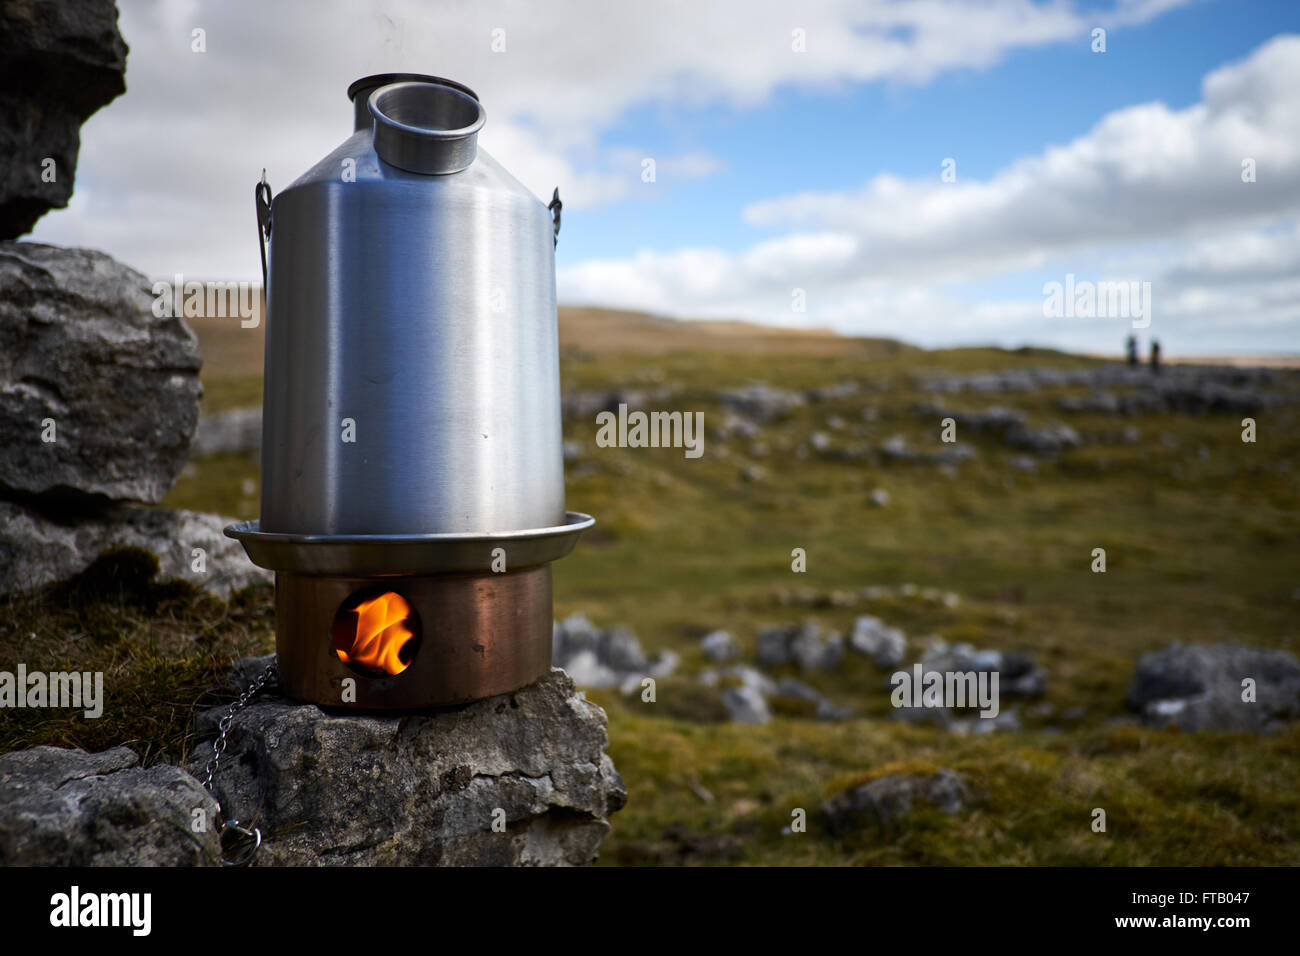 Un hervidor de agua, horno ardiente mostrando las llamas en la caja de fuego sentado en una roca con roca y hierba Imagen De Stock